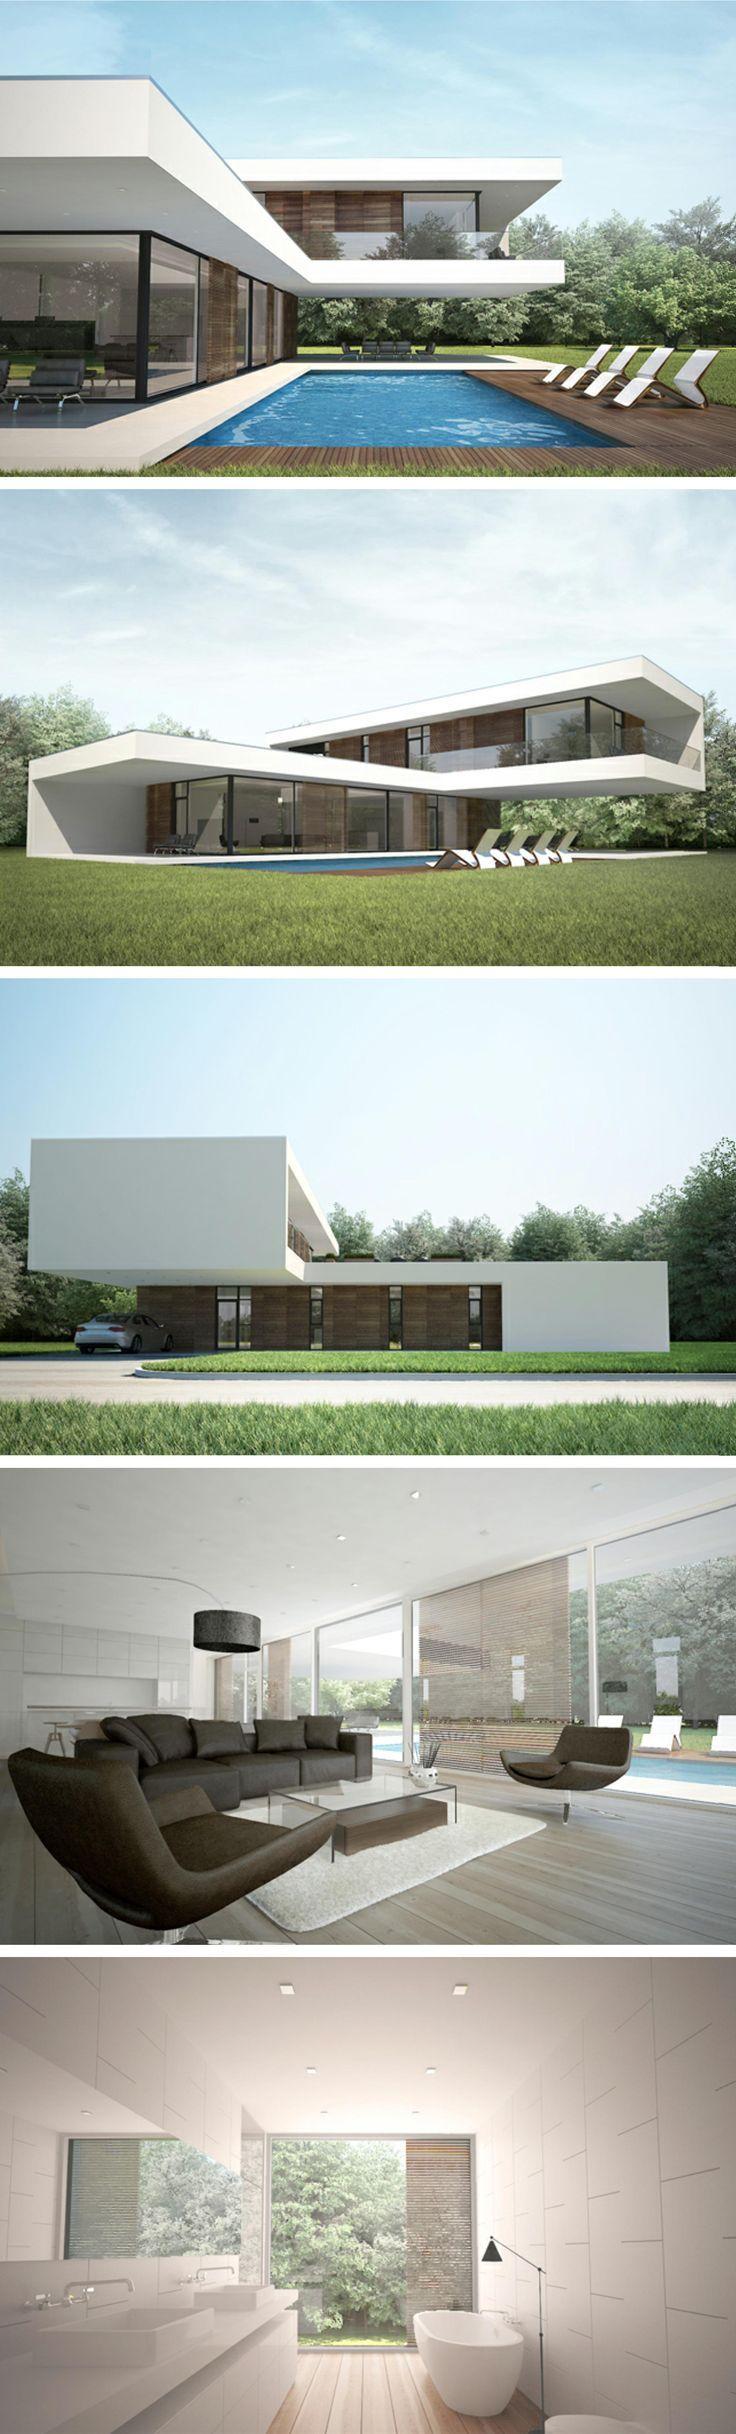 Facultad de Arquitectura y Urbanismo UNNE en Ciudad de Resistencia, Chaco